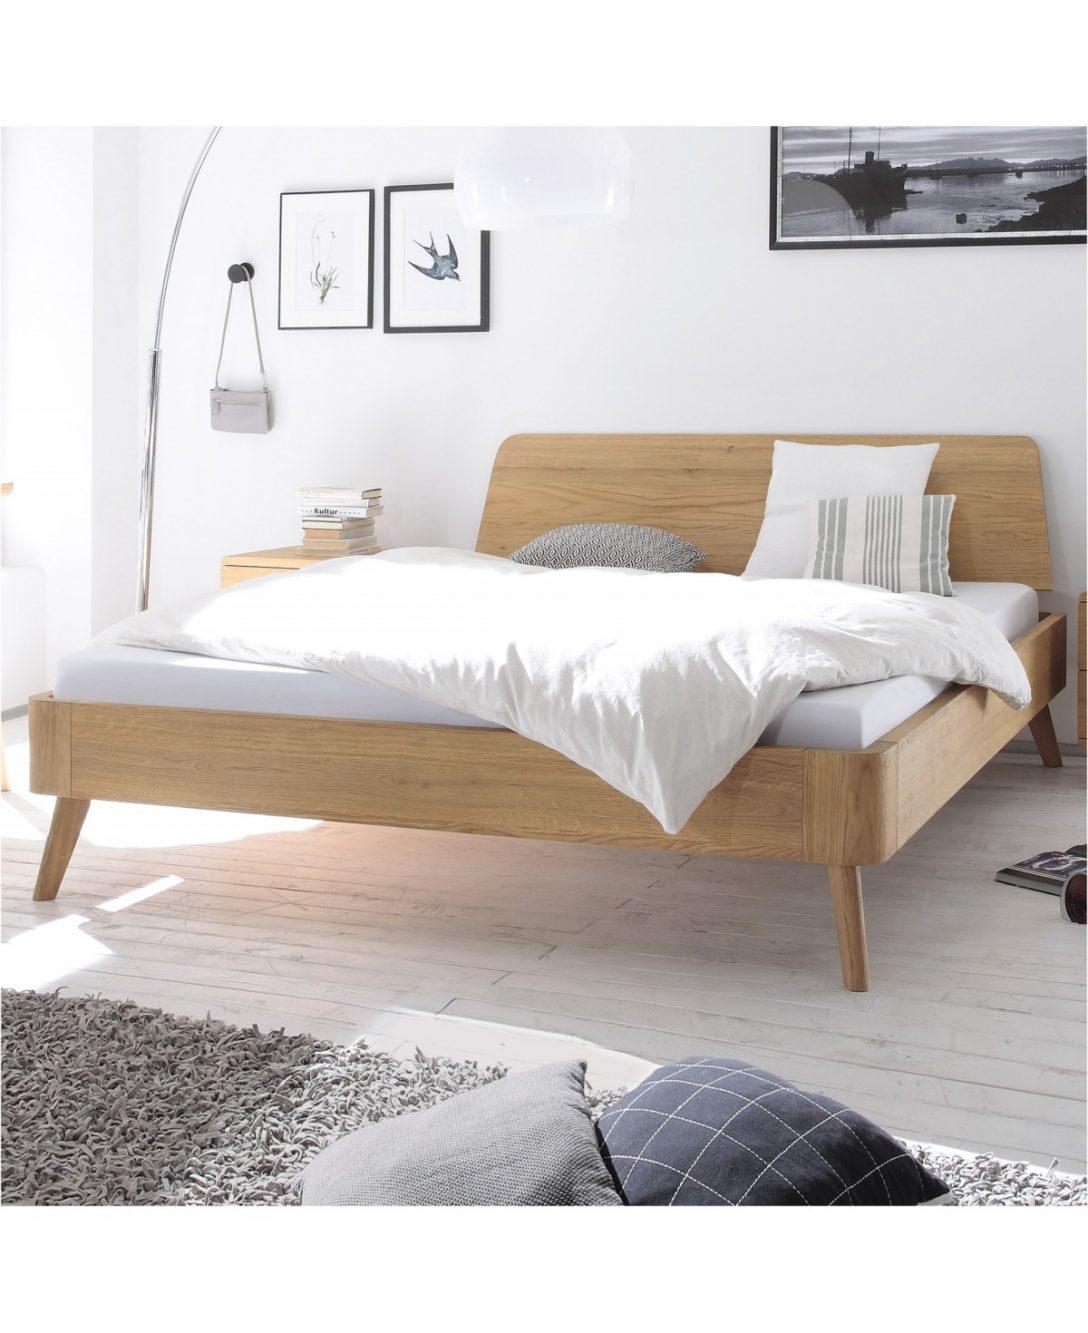 Large Size of Hasena Oak Bianco Eiche Bett Masito 25 Kopfteil Edda 120x200 Luxus Betten 180x200 Günstige 140x200 200x220 Bei Ikea Hohe Paradies Mit Aufbewahrung Ottoversand Bett Betten 120x200